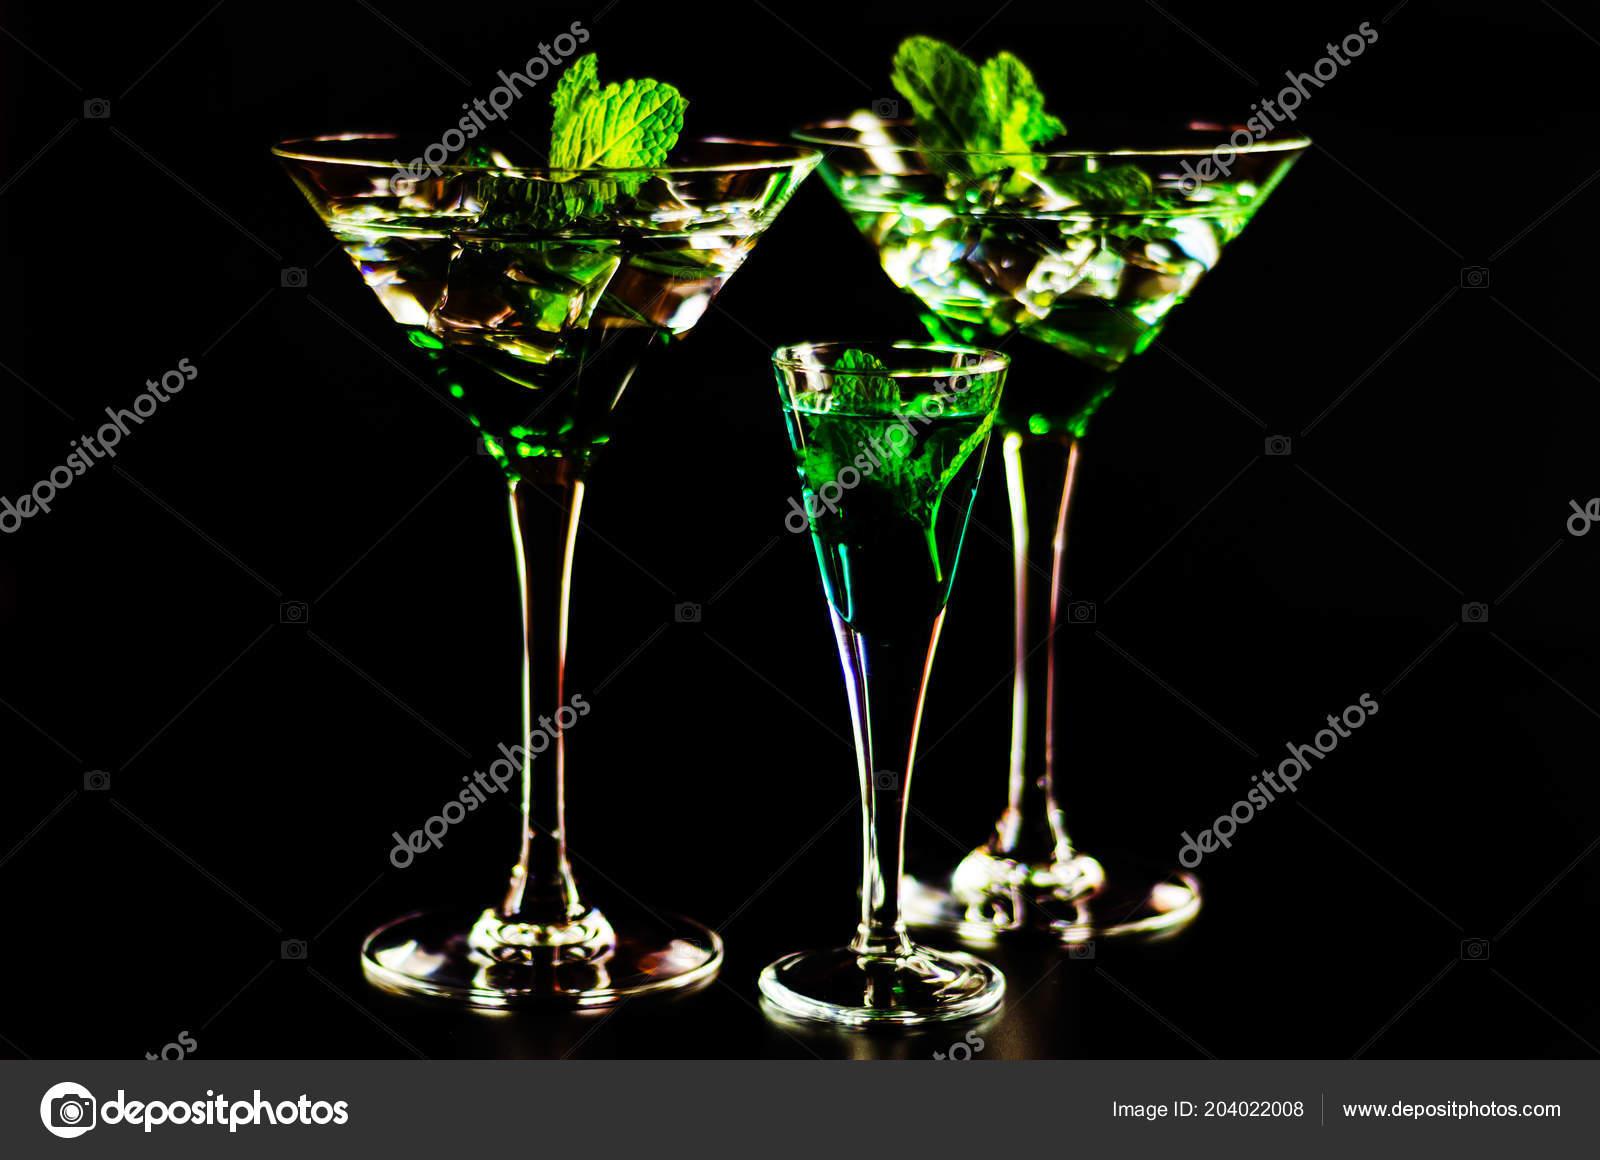 Третий прямой эфир - 14 декабря - Страница 19 Depositphotos_204022008-stock-photo-green-mint-liqueur-refreshing-drink